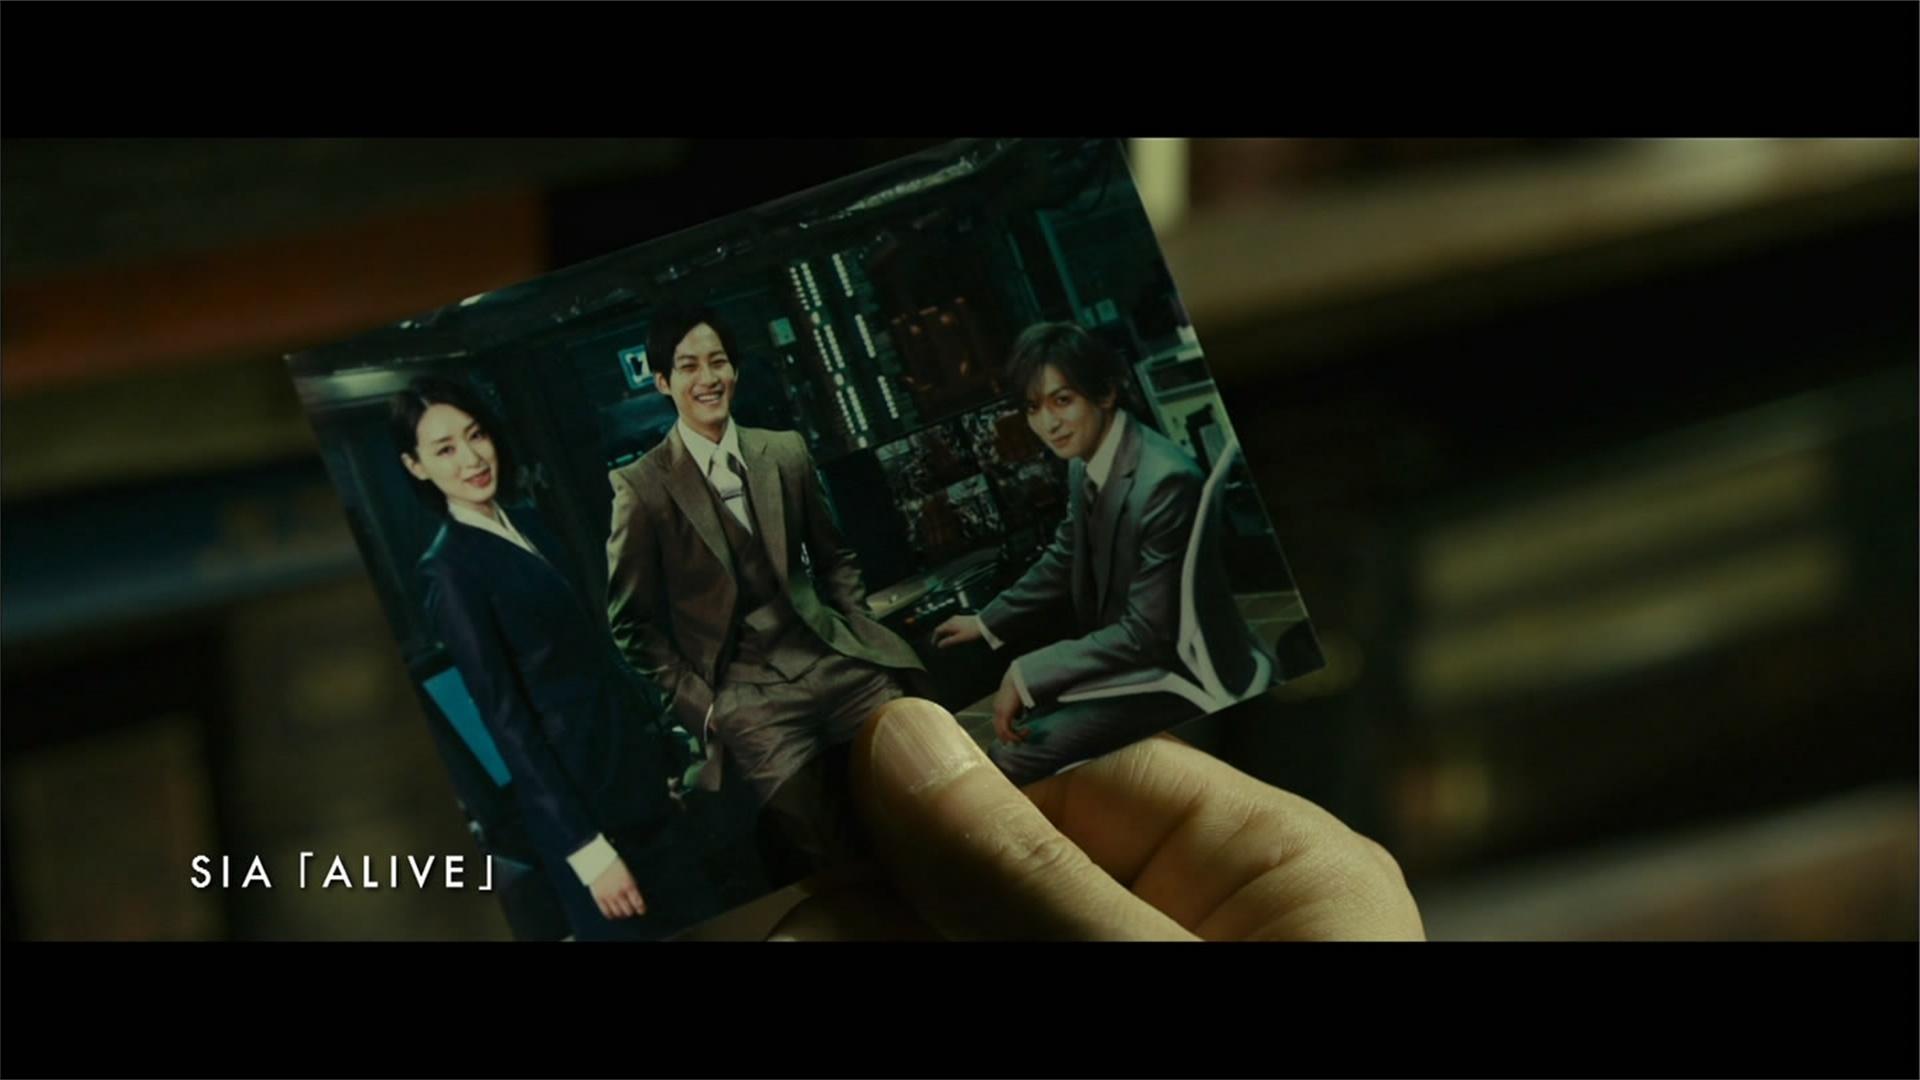 秘密_电影剧照_图集_电影网_1905.com